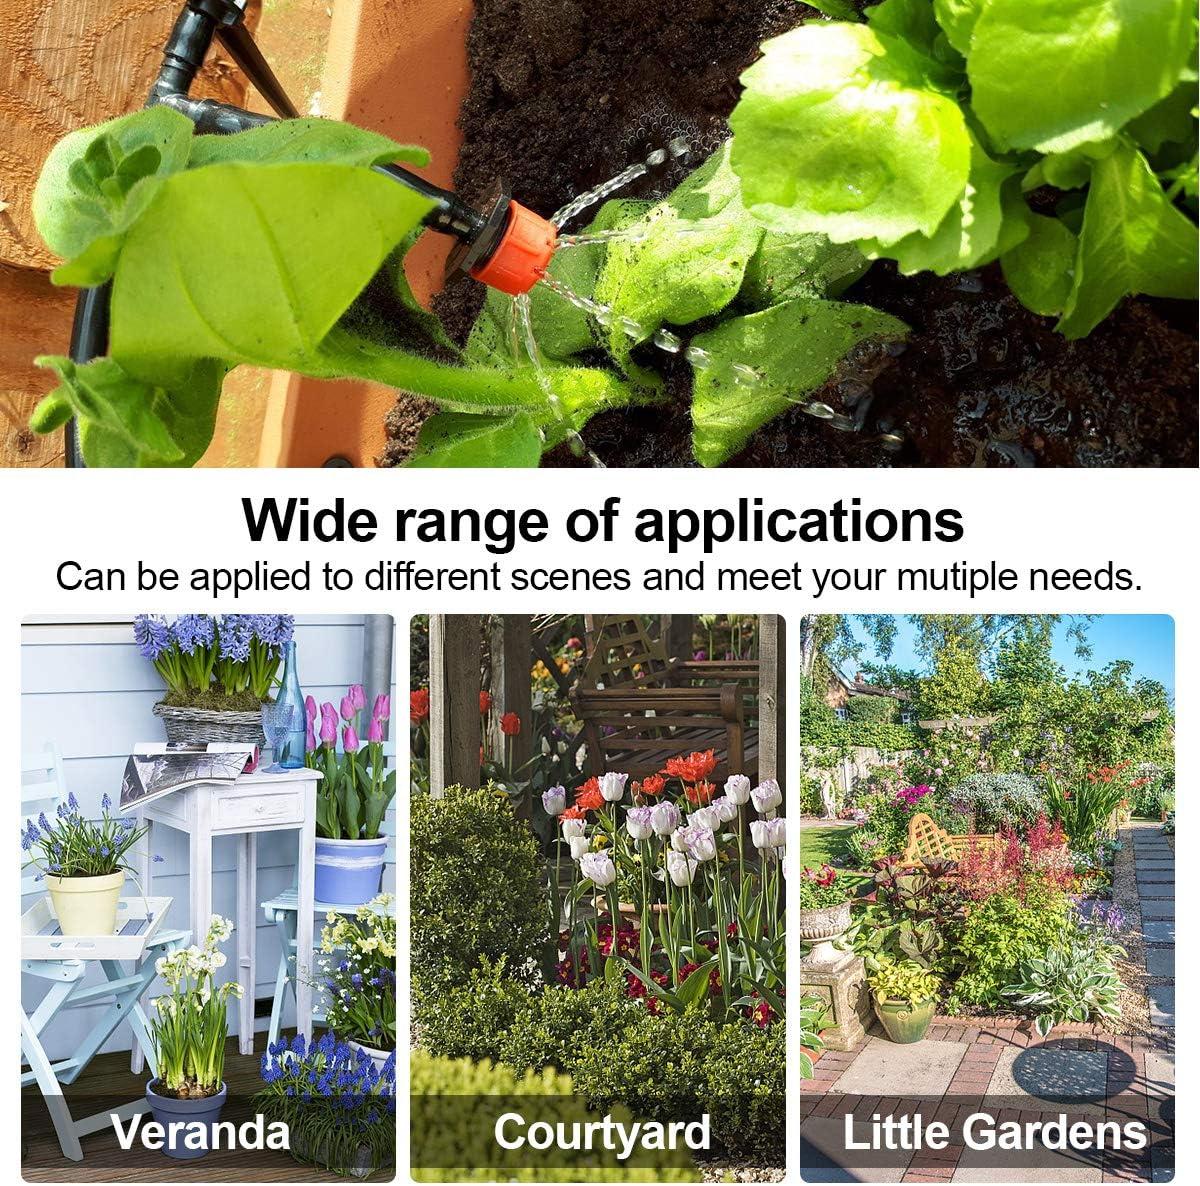 Sistema de riego Jardín, Kit de riego por goteo micro Riego automático Rociadores por goteo Riego de jardín para el paisaje, Lecho de flores, Plantas de terraza: Amazon.es: Jardín